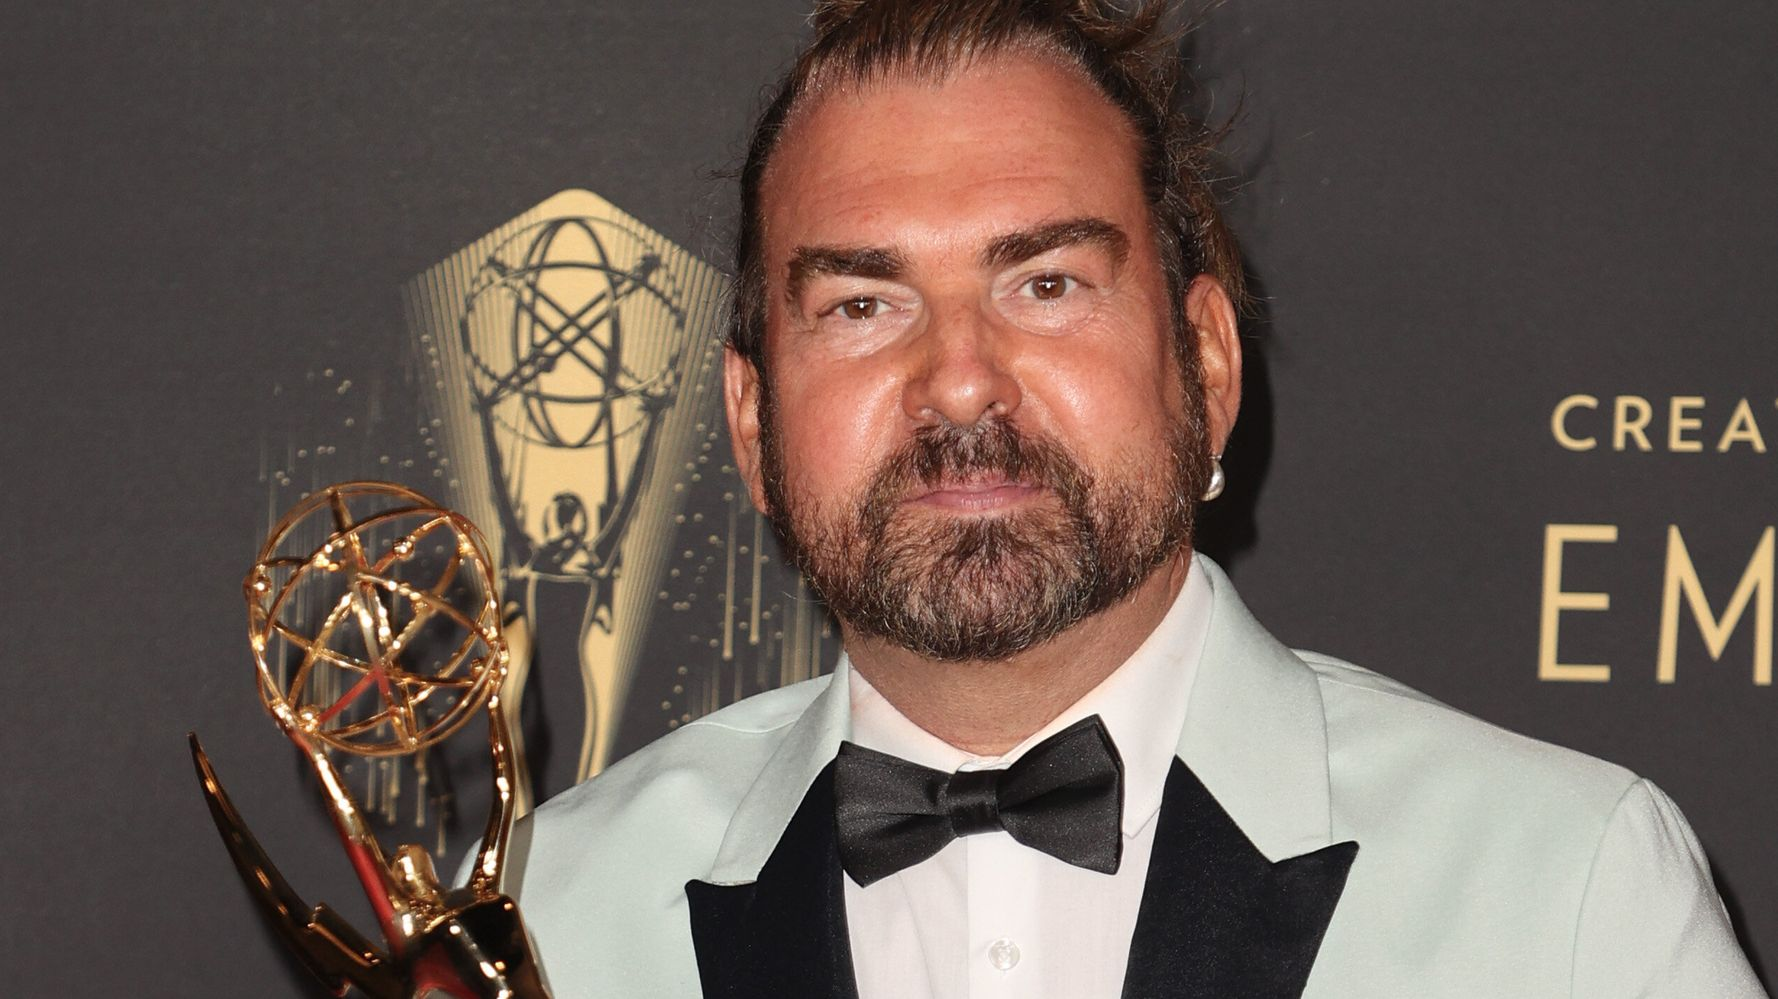 Marc Pilcher, Emmy-Winning 'Bridgerton' Hairstylist, Dies From COVID-19 Aged 53